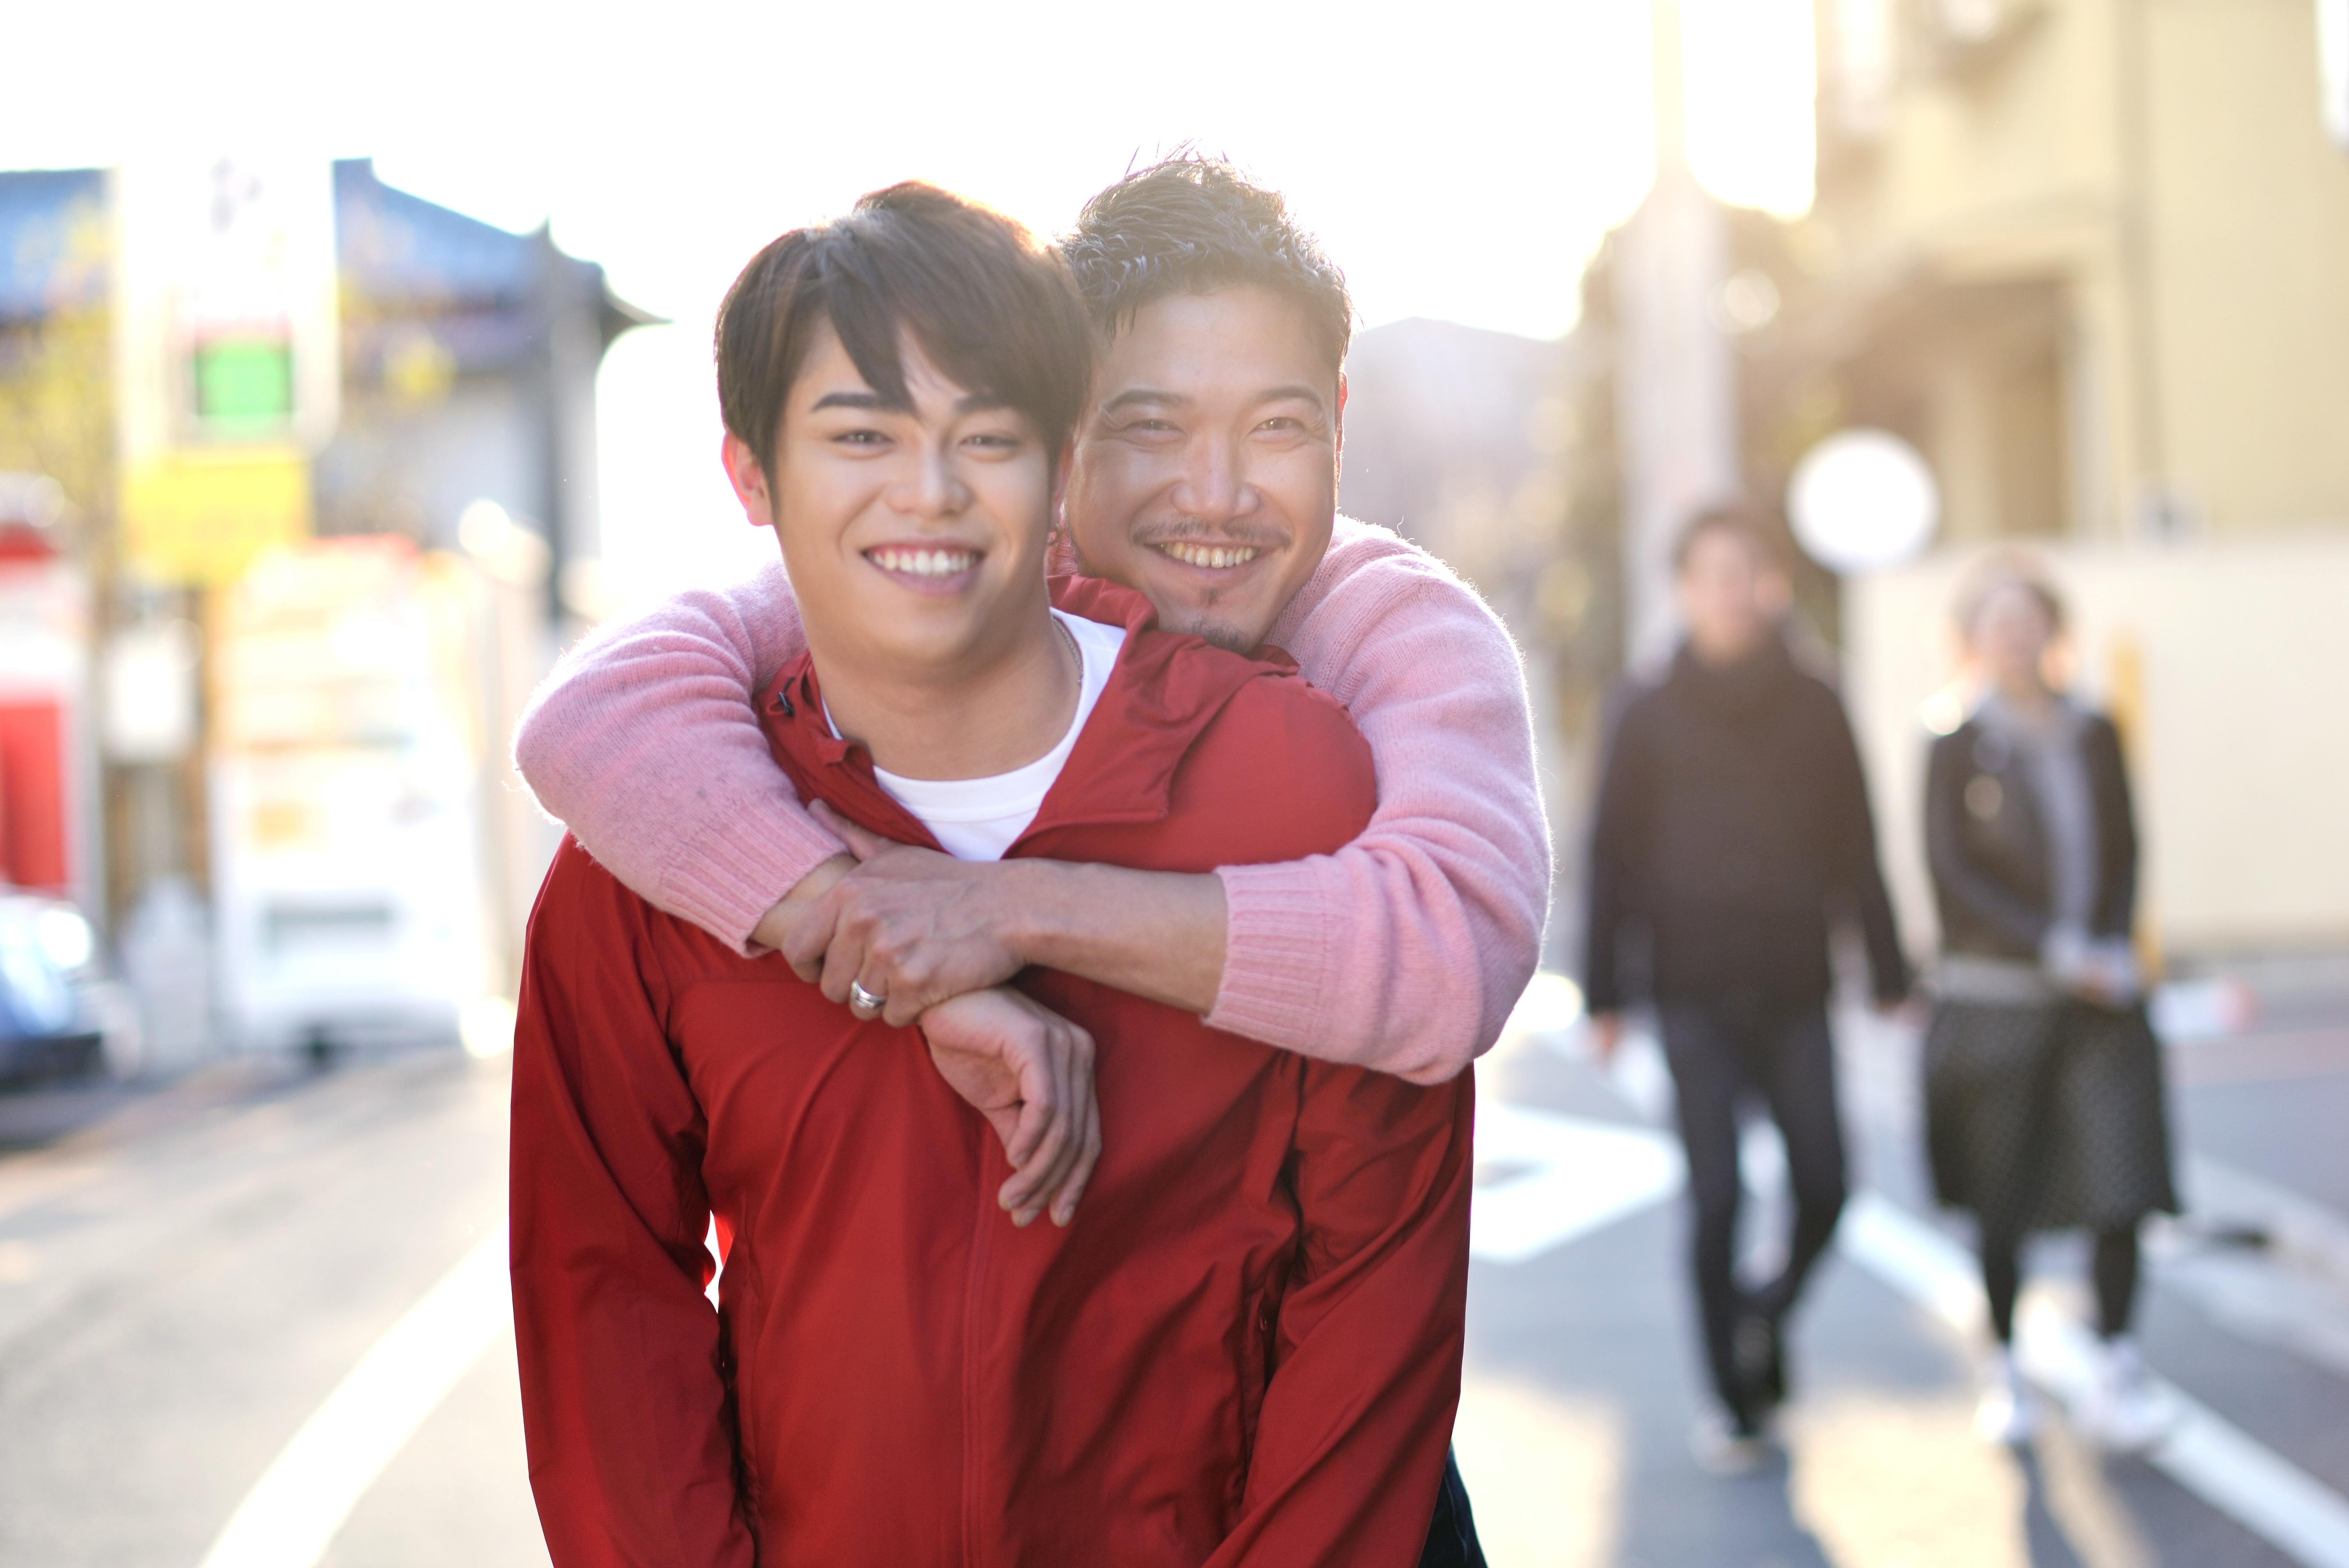 Guys hugging image